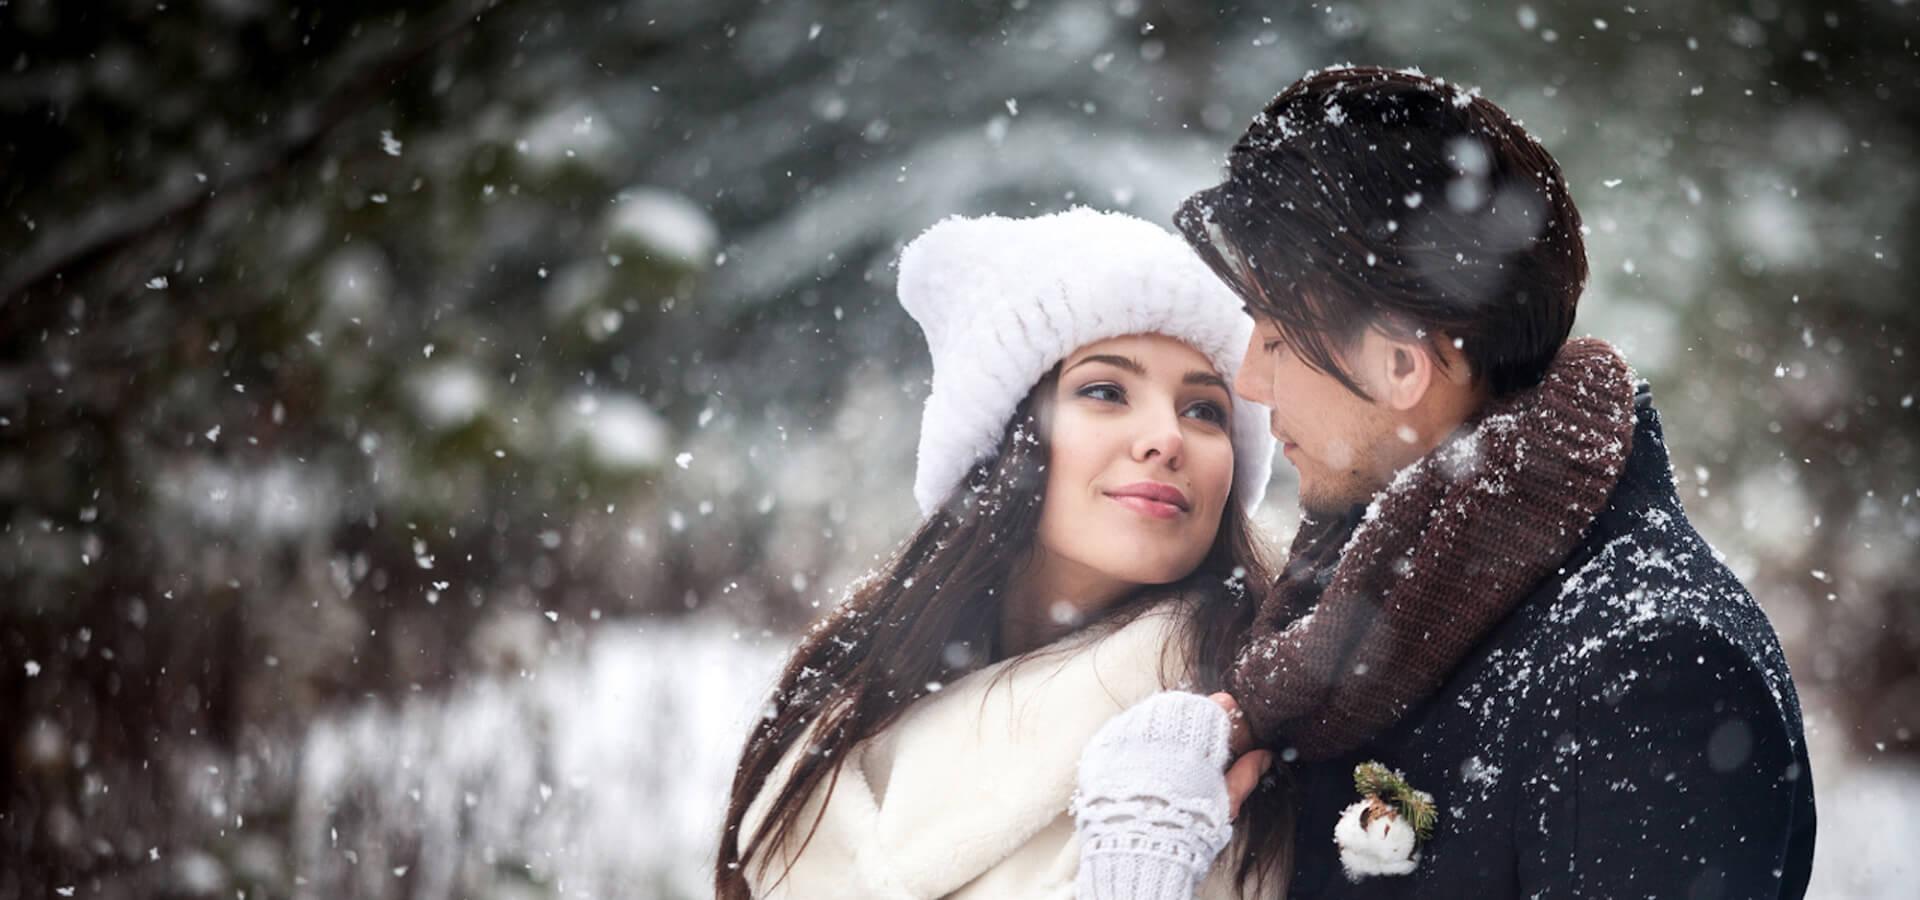 su 9SZ6e3hM - Готовимся к свадьбе: праздник своими руками